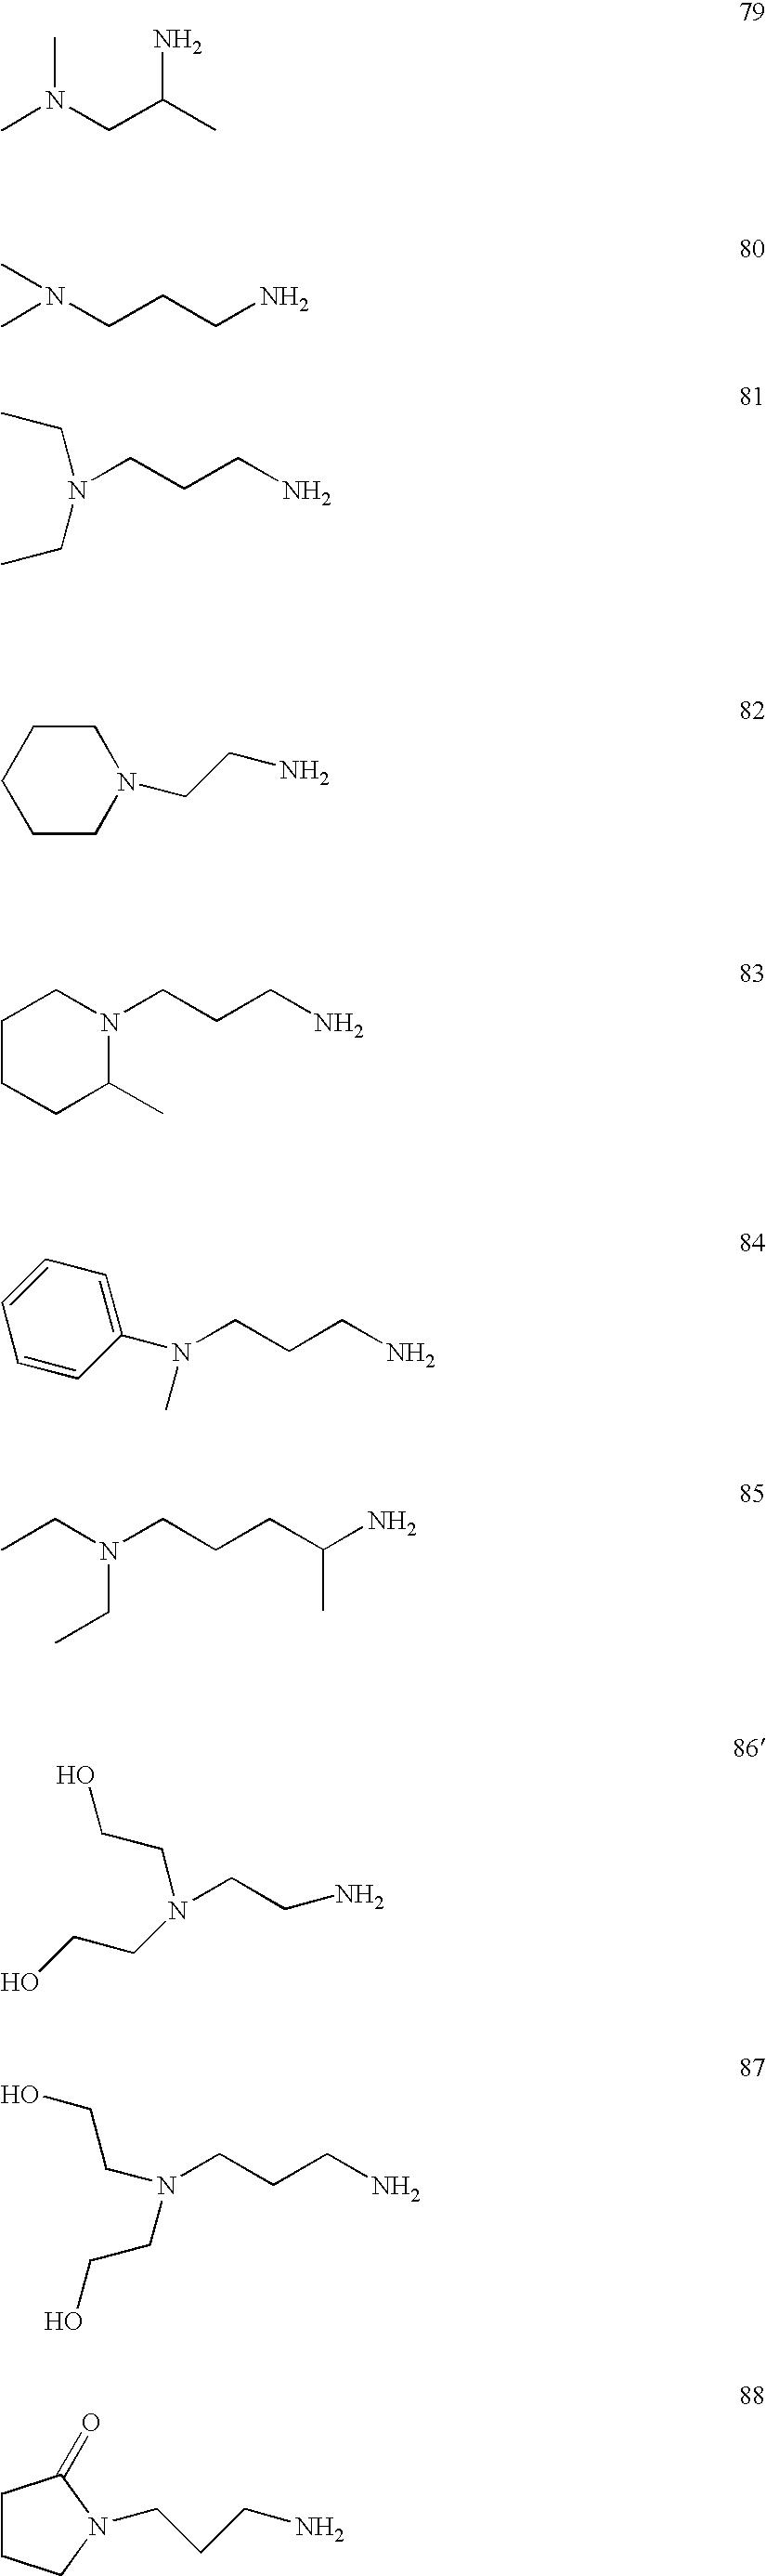 Figure US20050244504A1-20051103-C00024